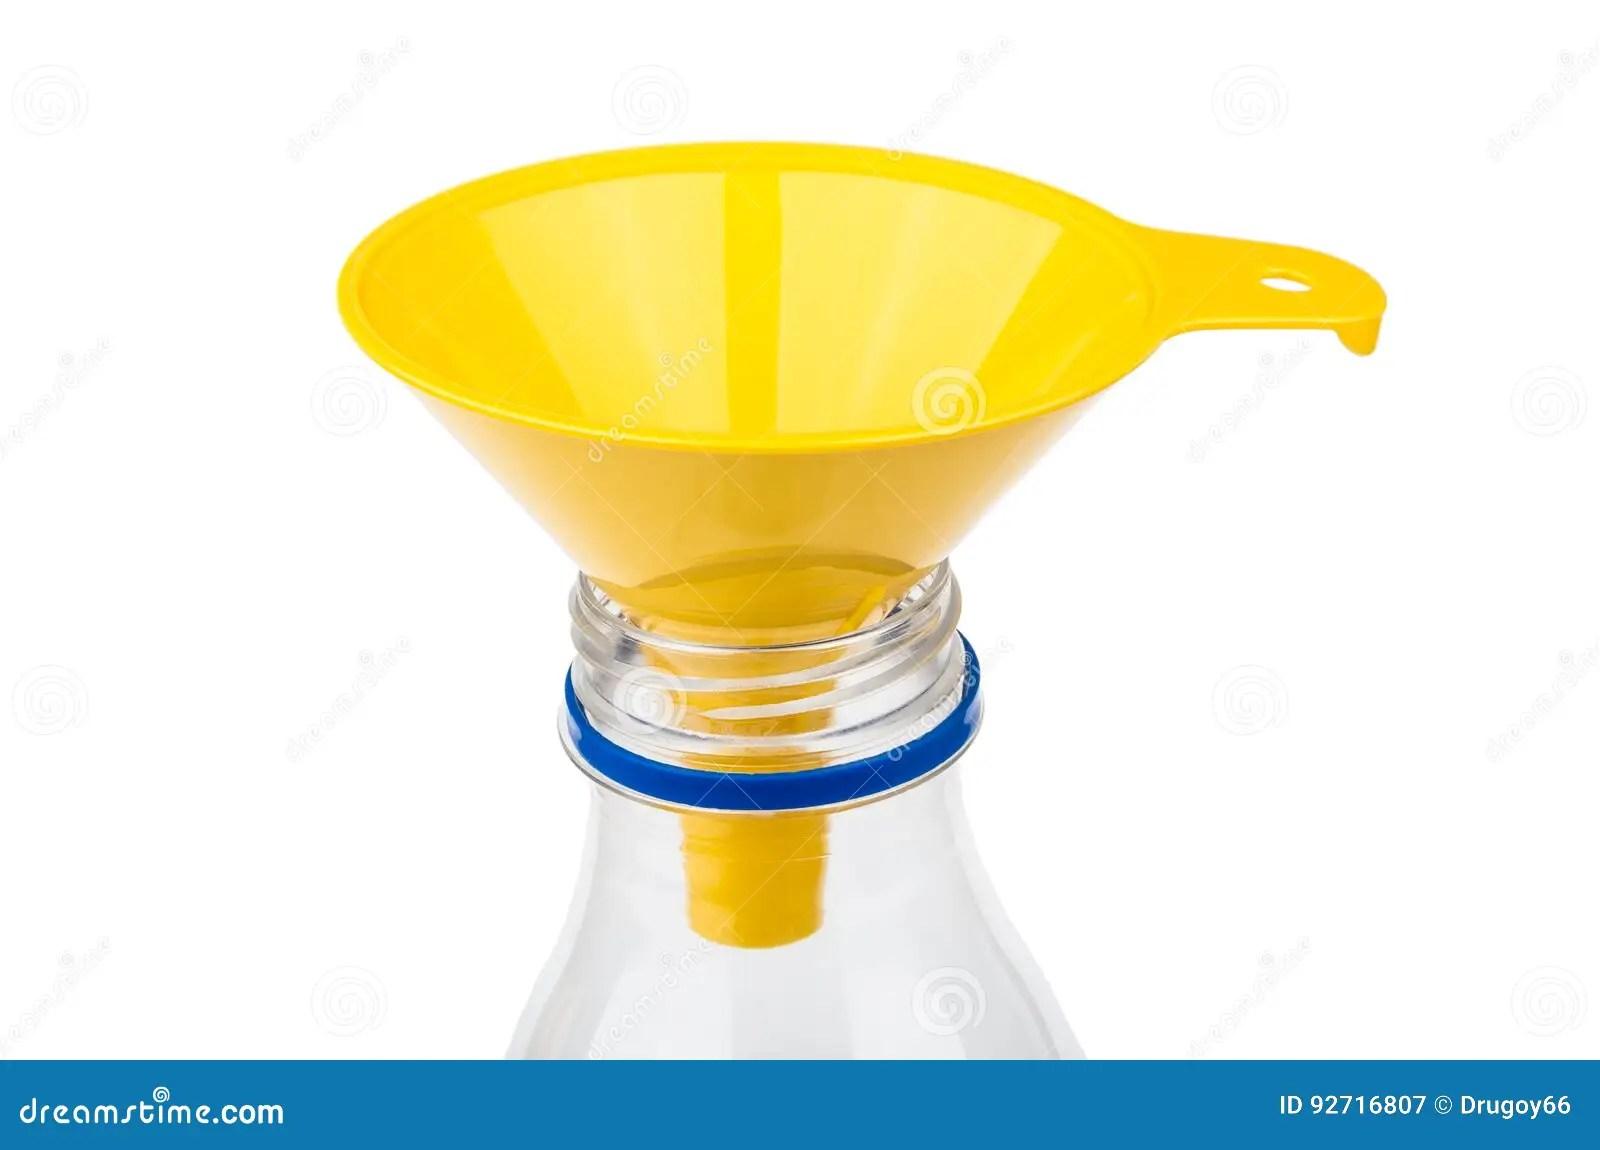 kitchen funnel hotels with kitchens in portland oregon 在w隔绝的透明瓶的小塑料厨房漏斗库存图片 图片包括有特写镜头 漏斗 在w隔绝的透明瓶的小塑料厨房漏斗